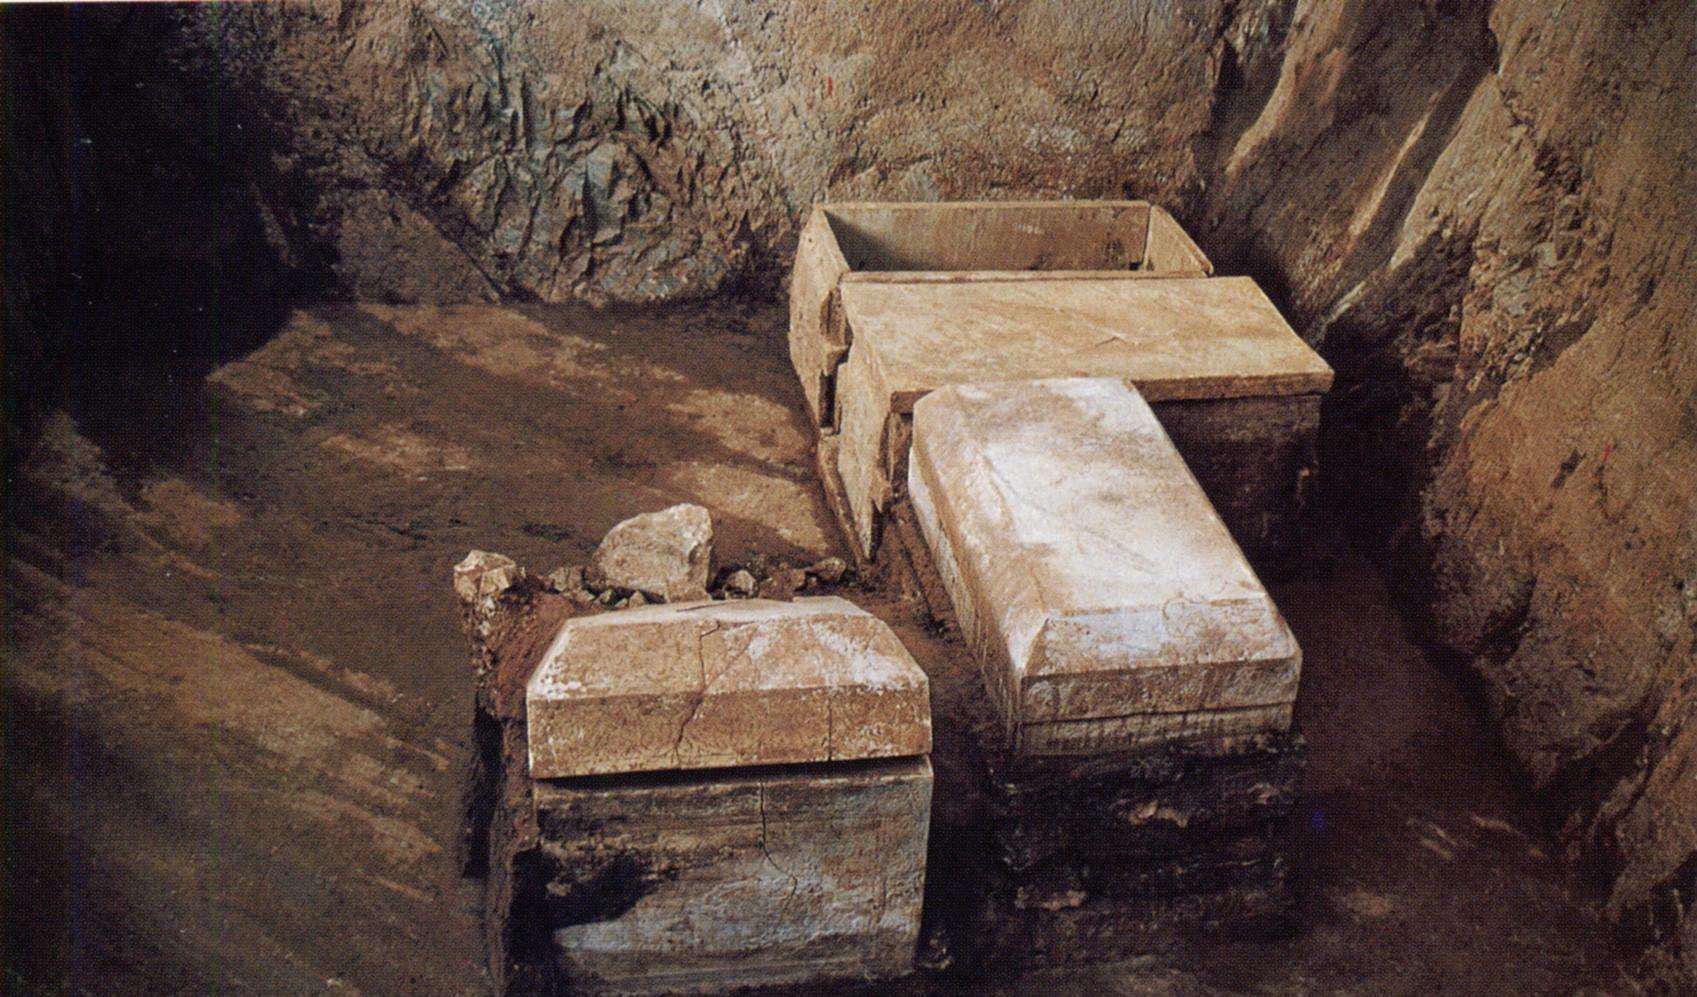 Truyền kỳ 'thiên hạ đệ nhất' trộm mộ tên gọi 'Bất Chuẩn' có ảnh hưởng sâu rộng hàng đầu trong lịch sử - Ảnh 1.